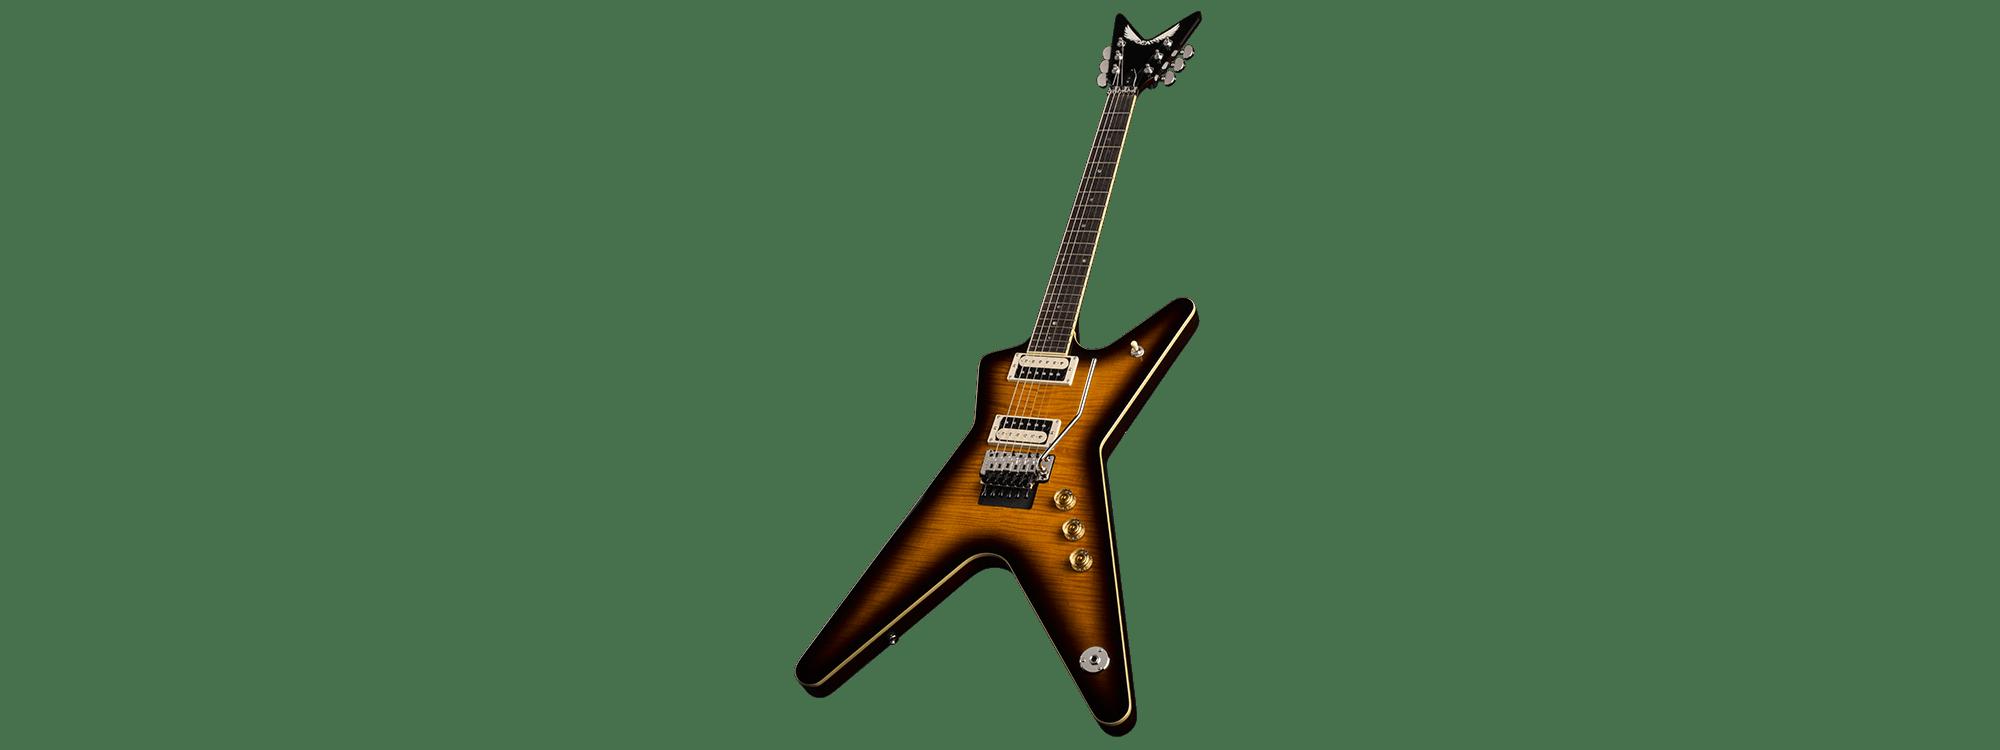 Dean ML 79F TBZ Trans Brazilla With Floyd Electric Guitar